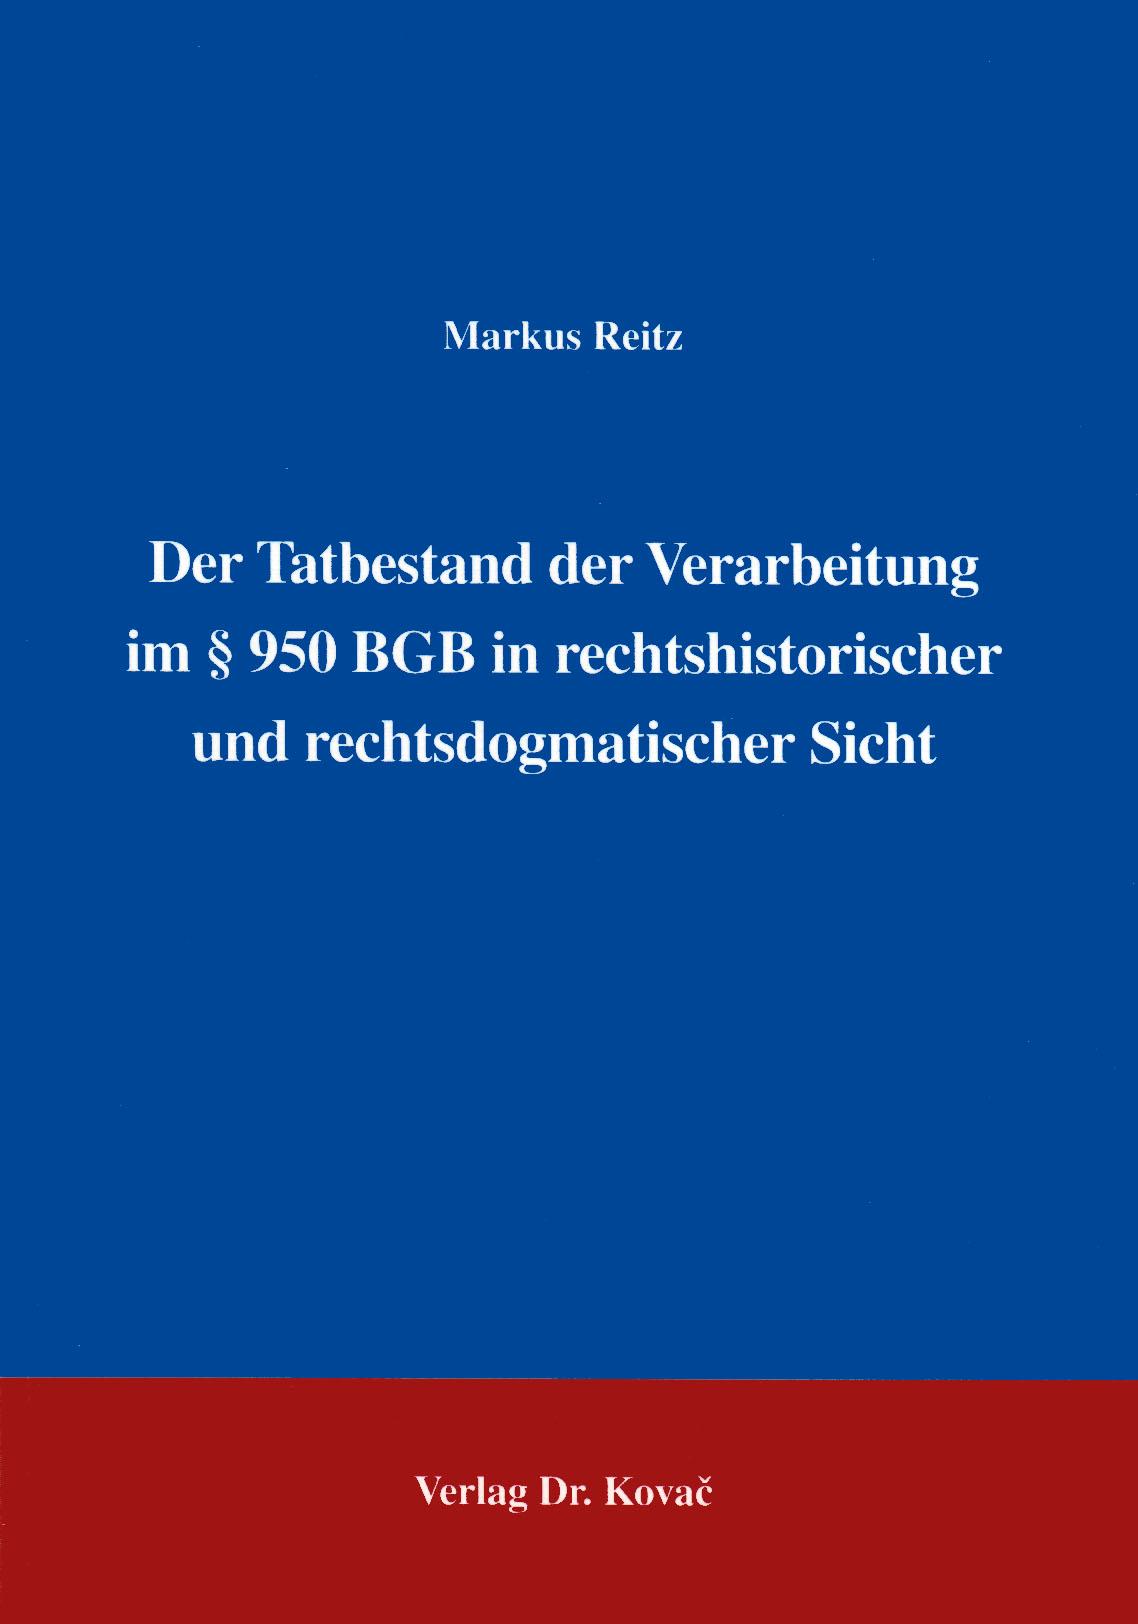 Cover: Der Tatbestand der Verarbeitung im § 950 BGB in rechtshistorischer und rechtsdogmatischer Sicht